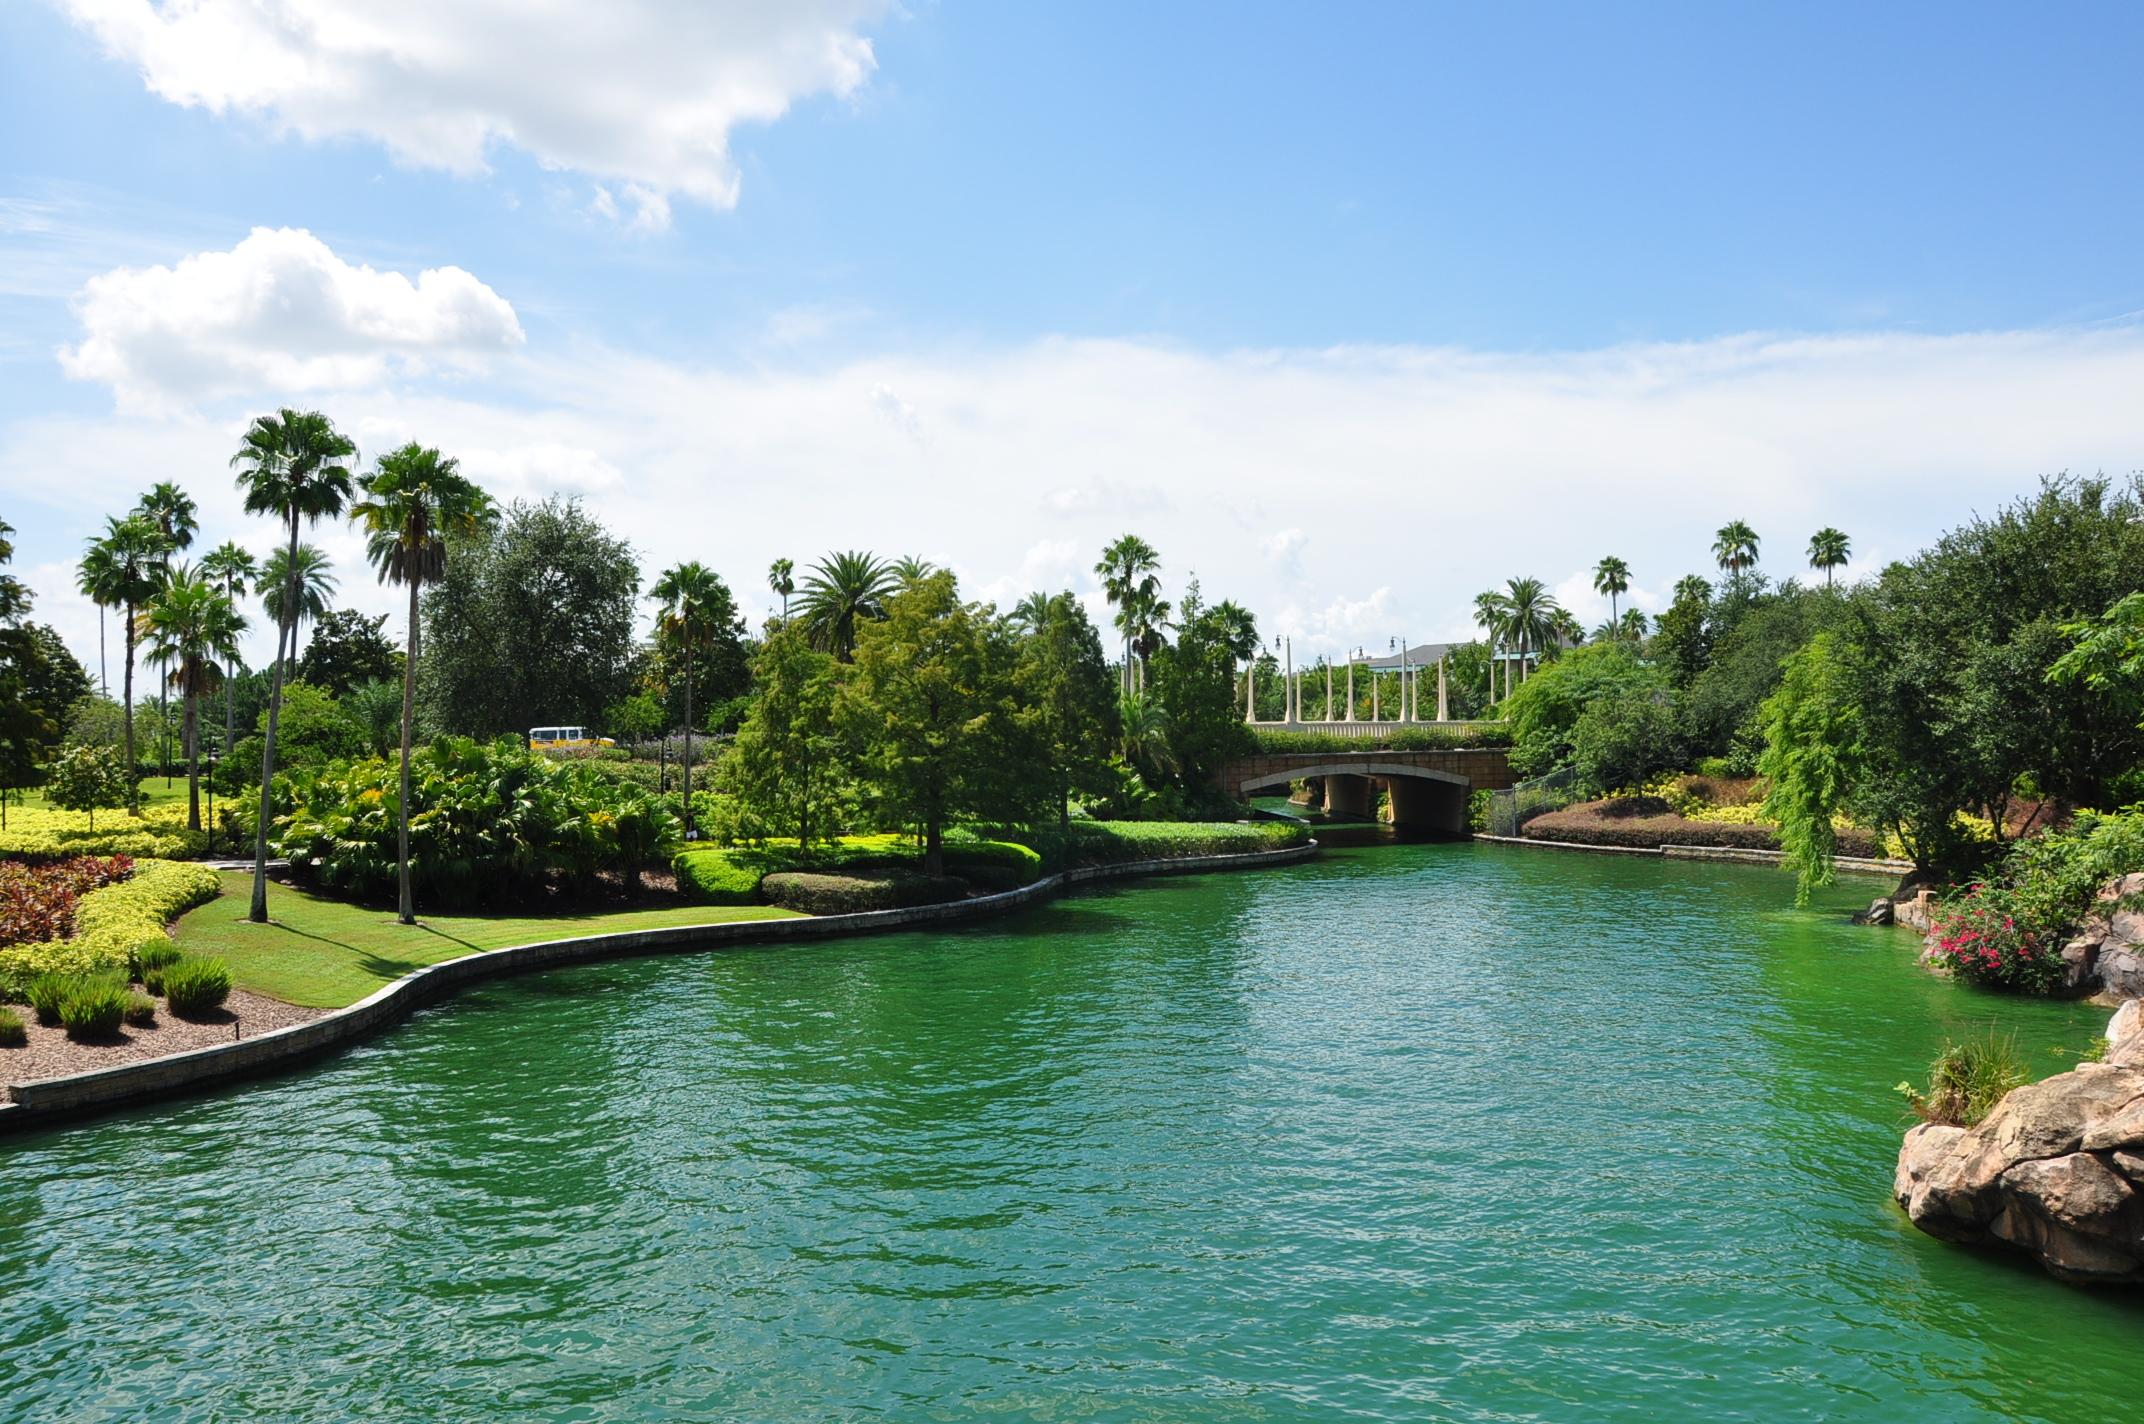 Wallpaper universal orlando florida usa usa usa park lake 1680x1050